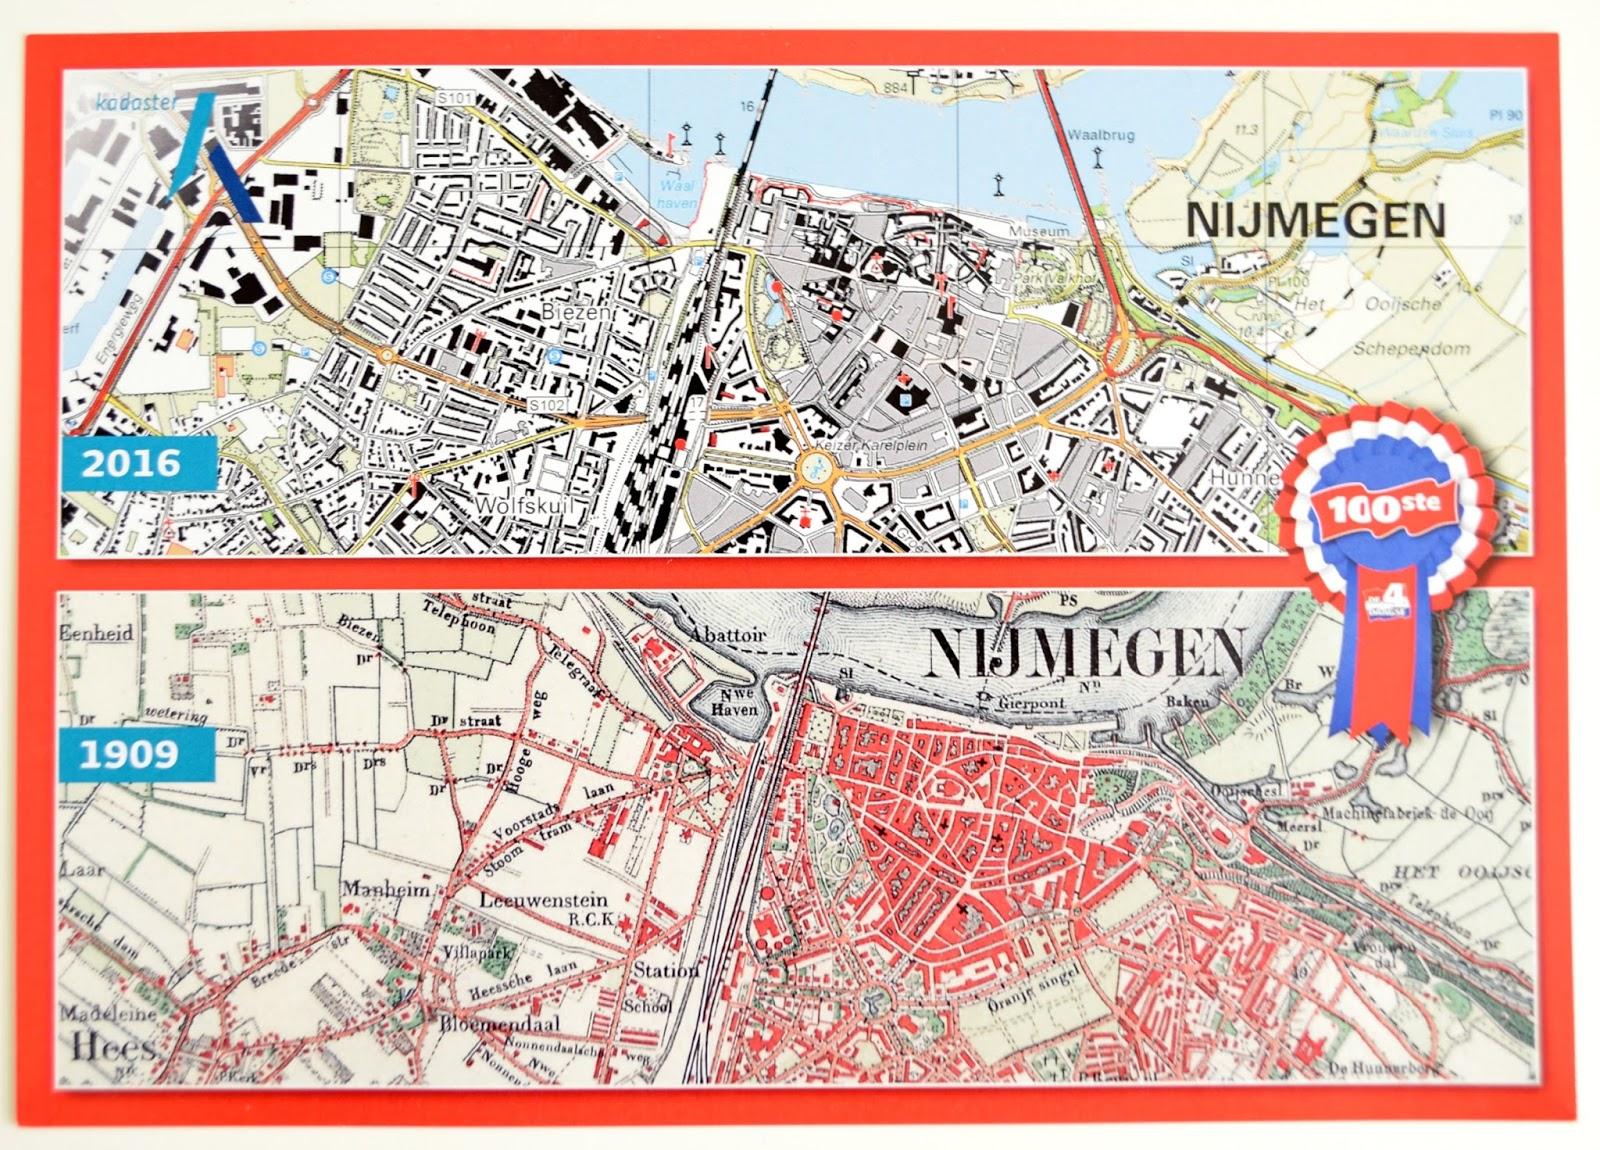 Nijmegen The Netherlands